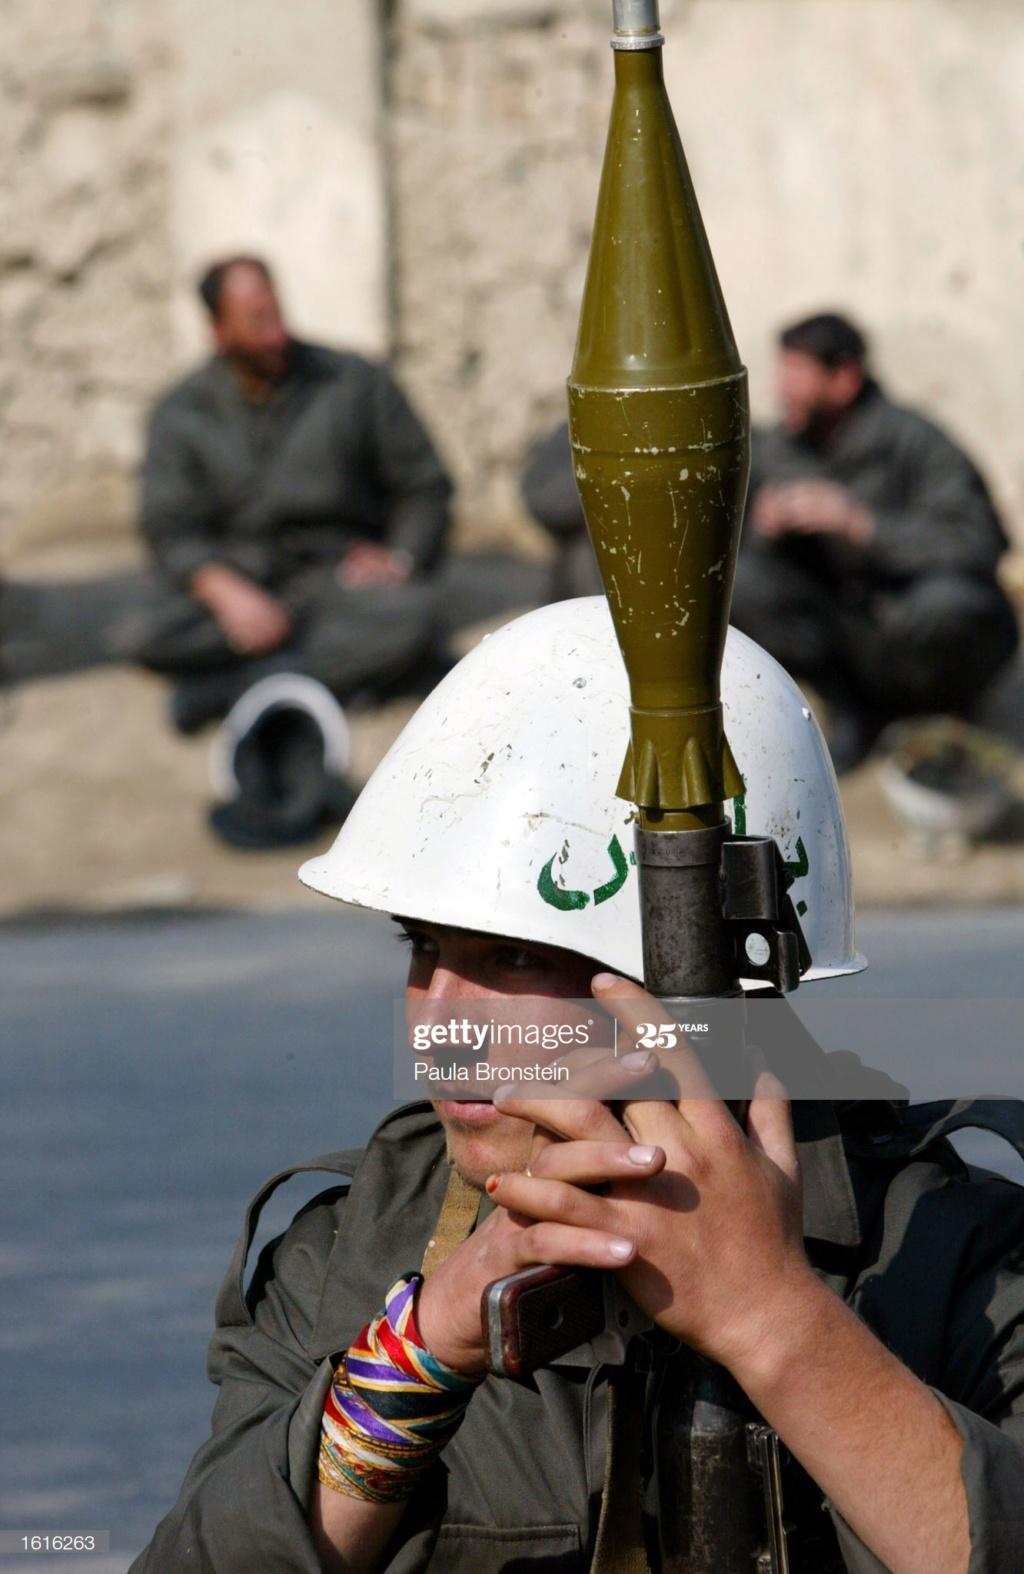 Soviet Helmet used by Afghan police Gettyi24